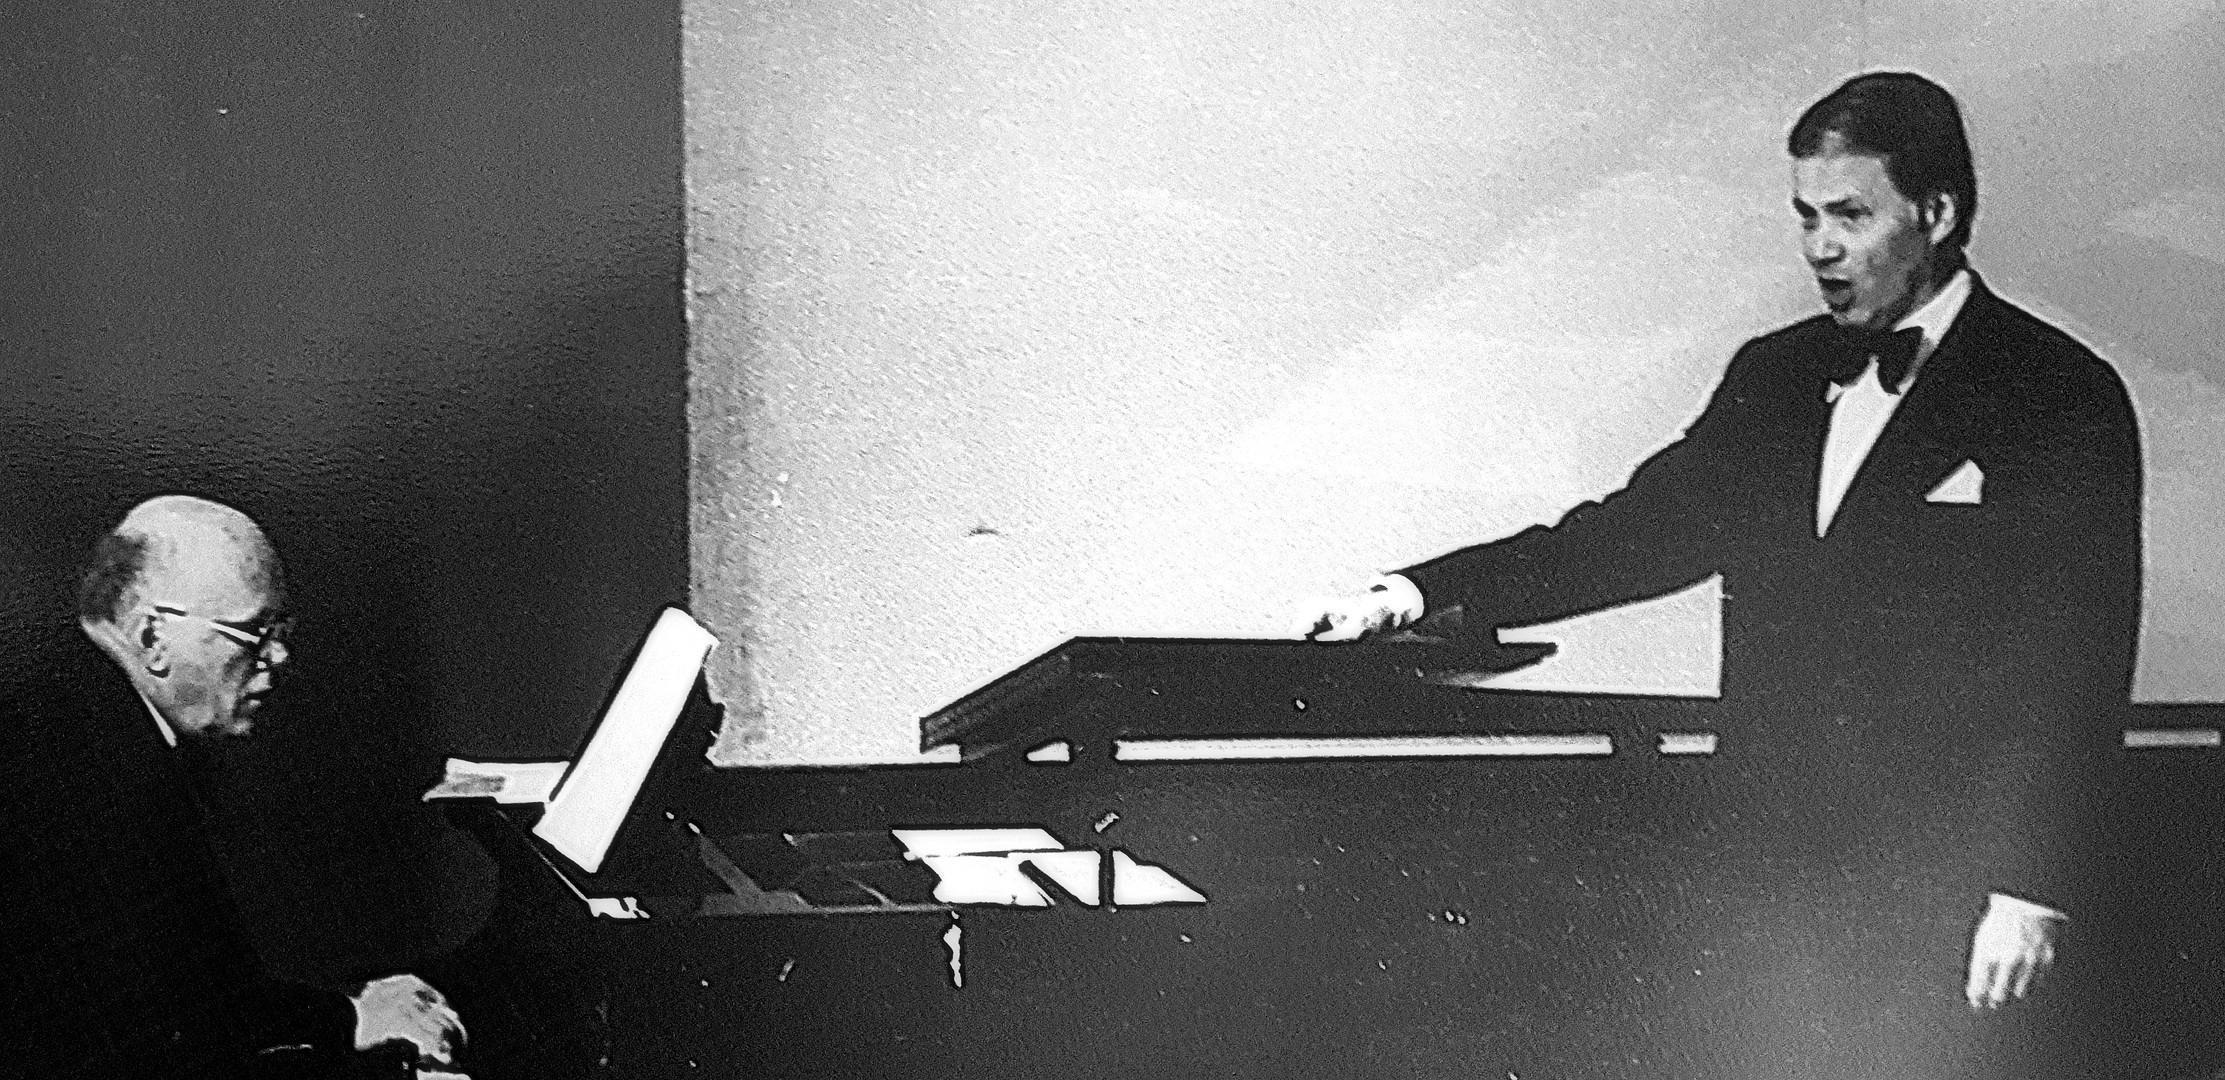 Richter & Dietrich Fischer-Dieskau -  1967